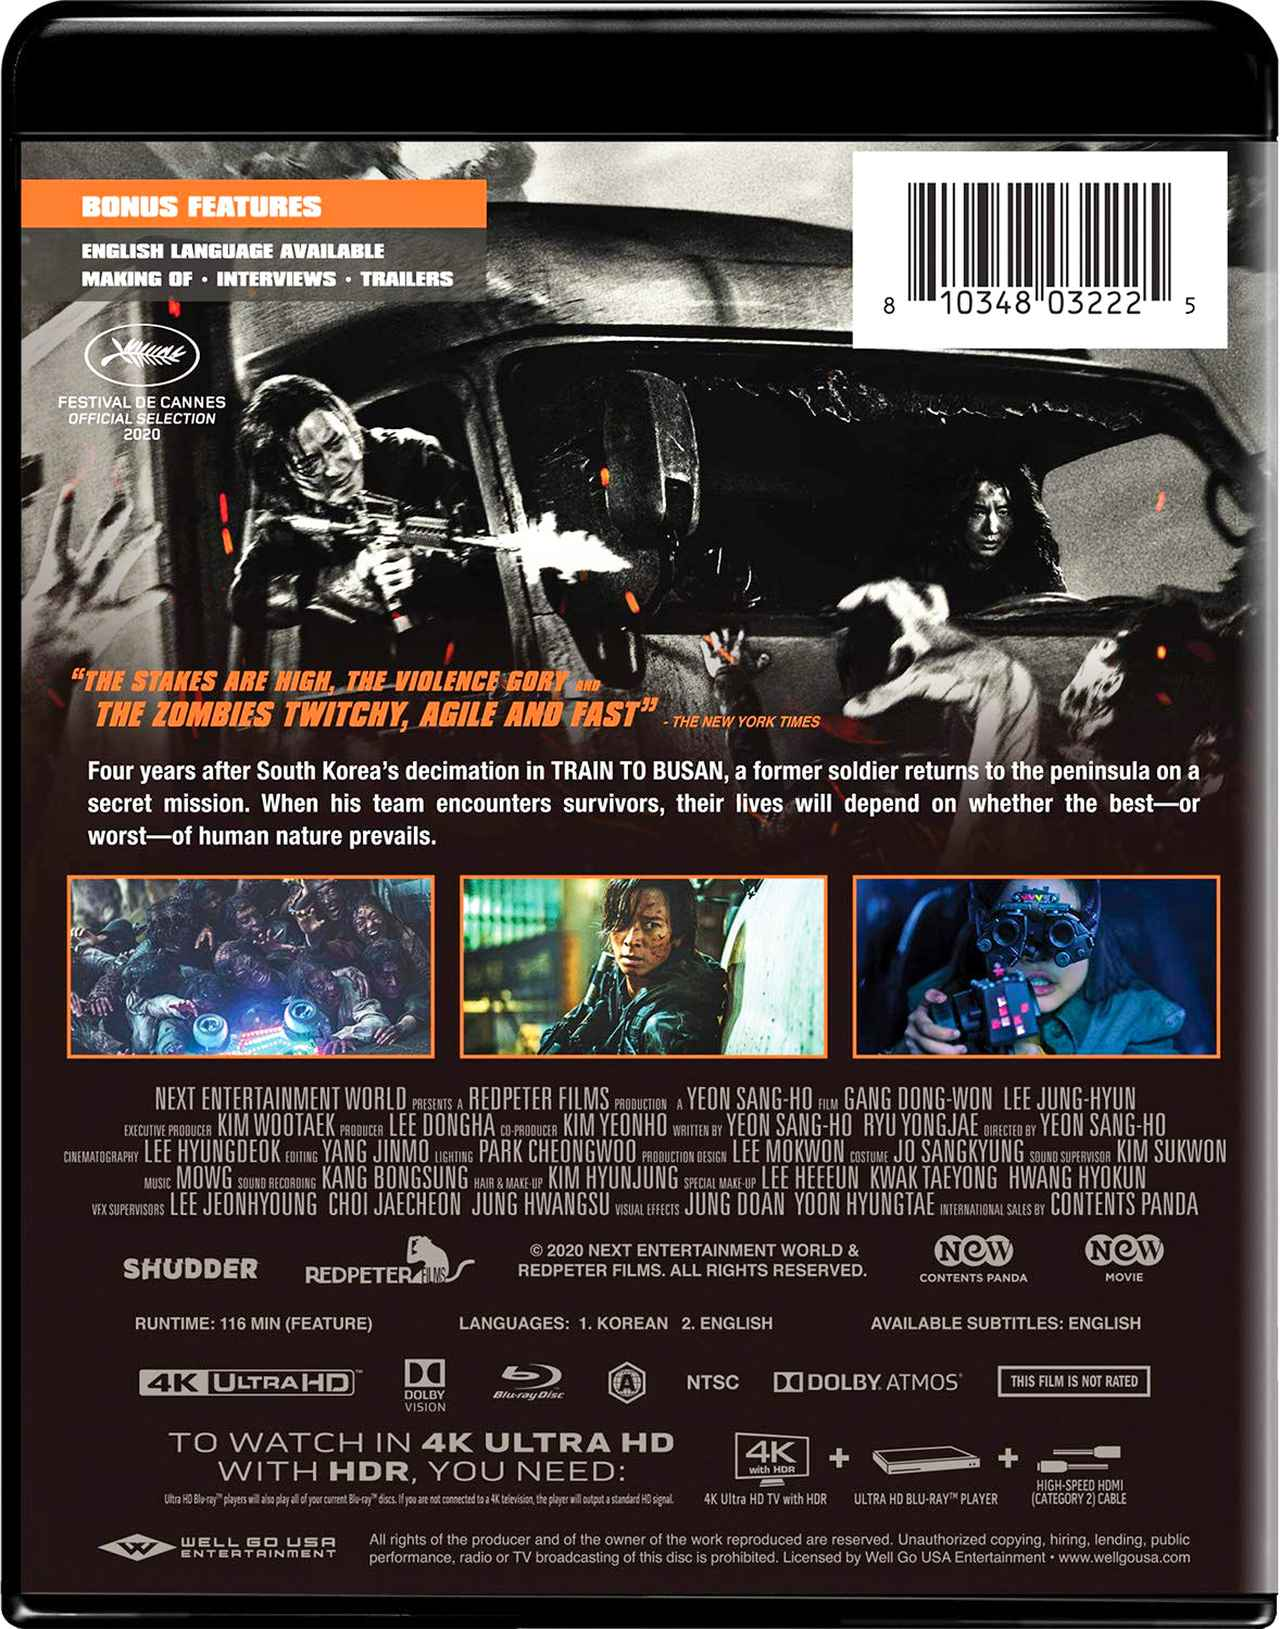 画像2: 『新感染 ファイナル・エクスプレス』続編『新感染半島 ファイナル・ステージ』【海外盤Blu-ray発売情報】